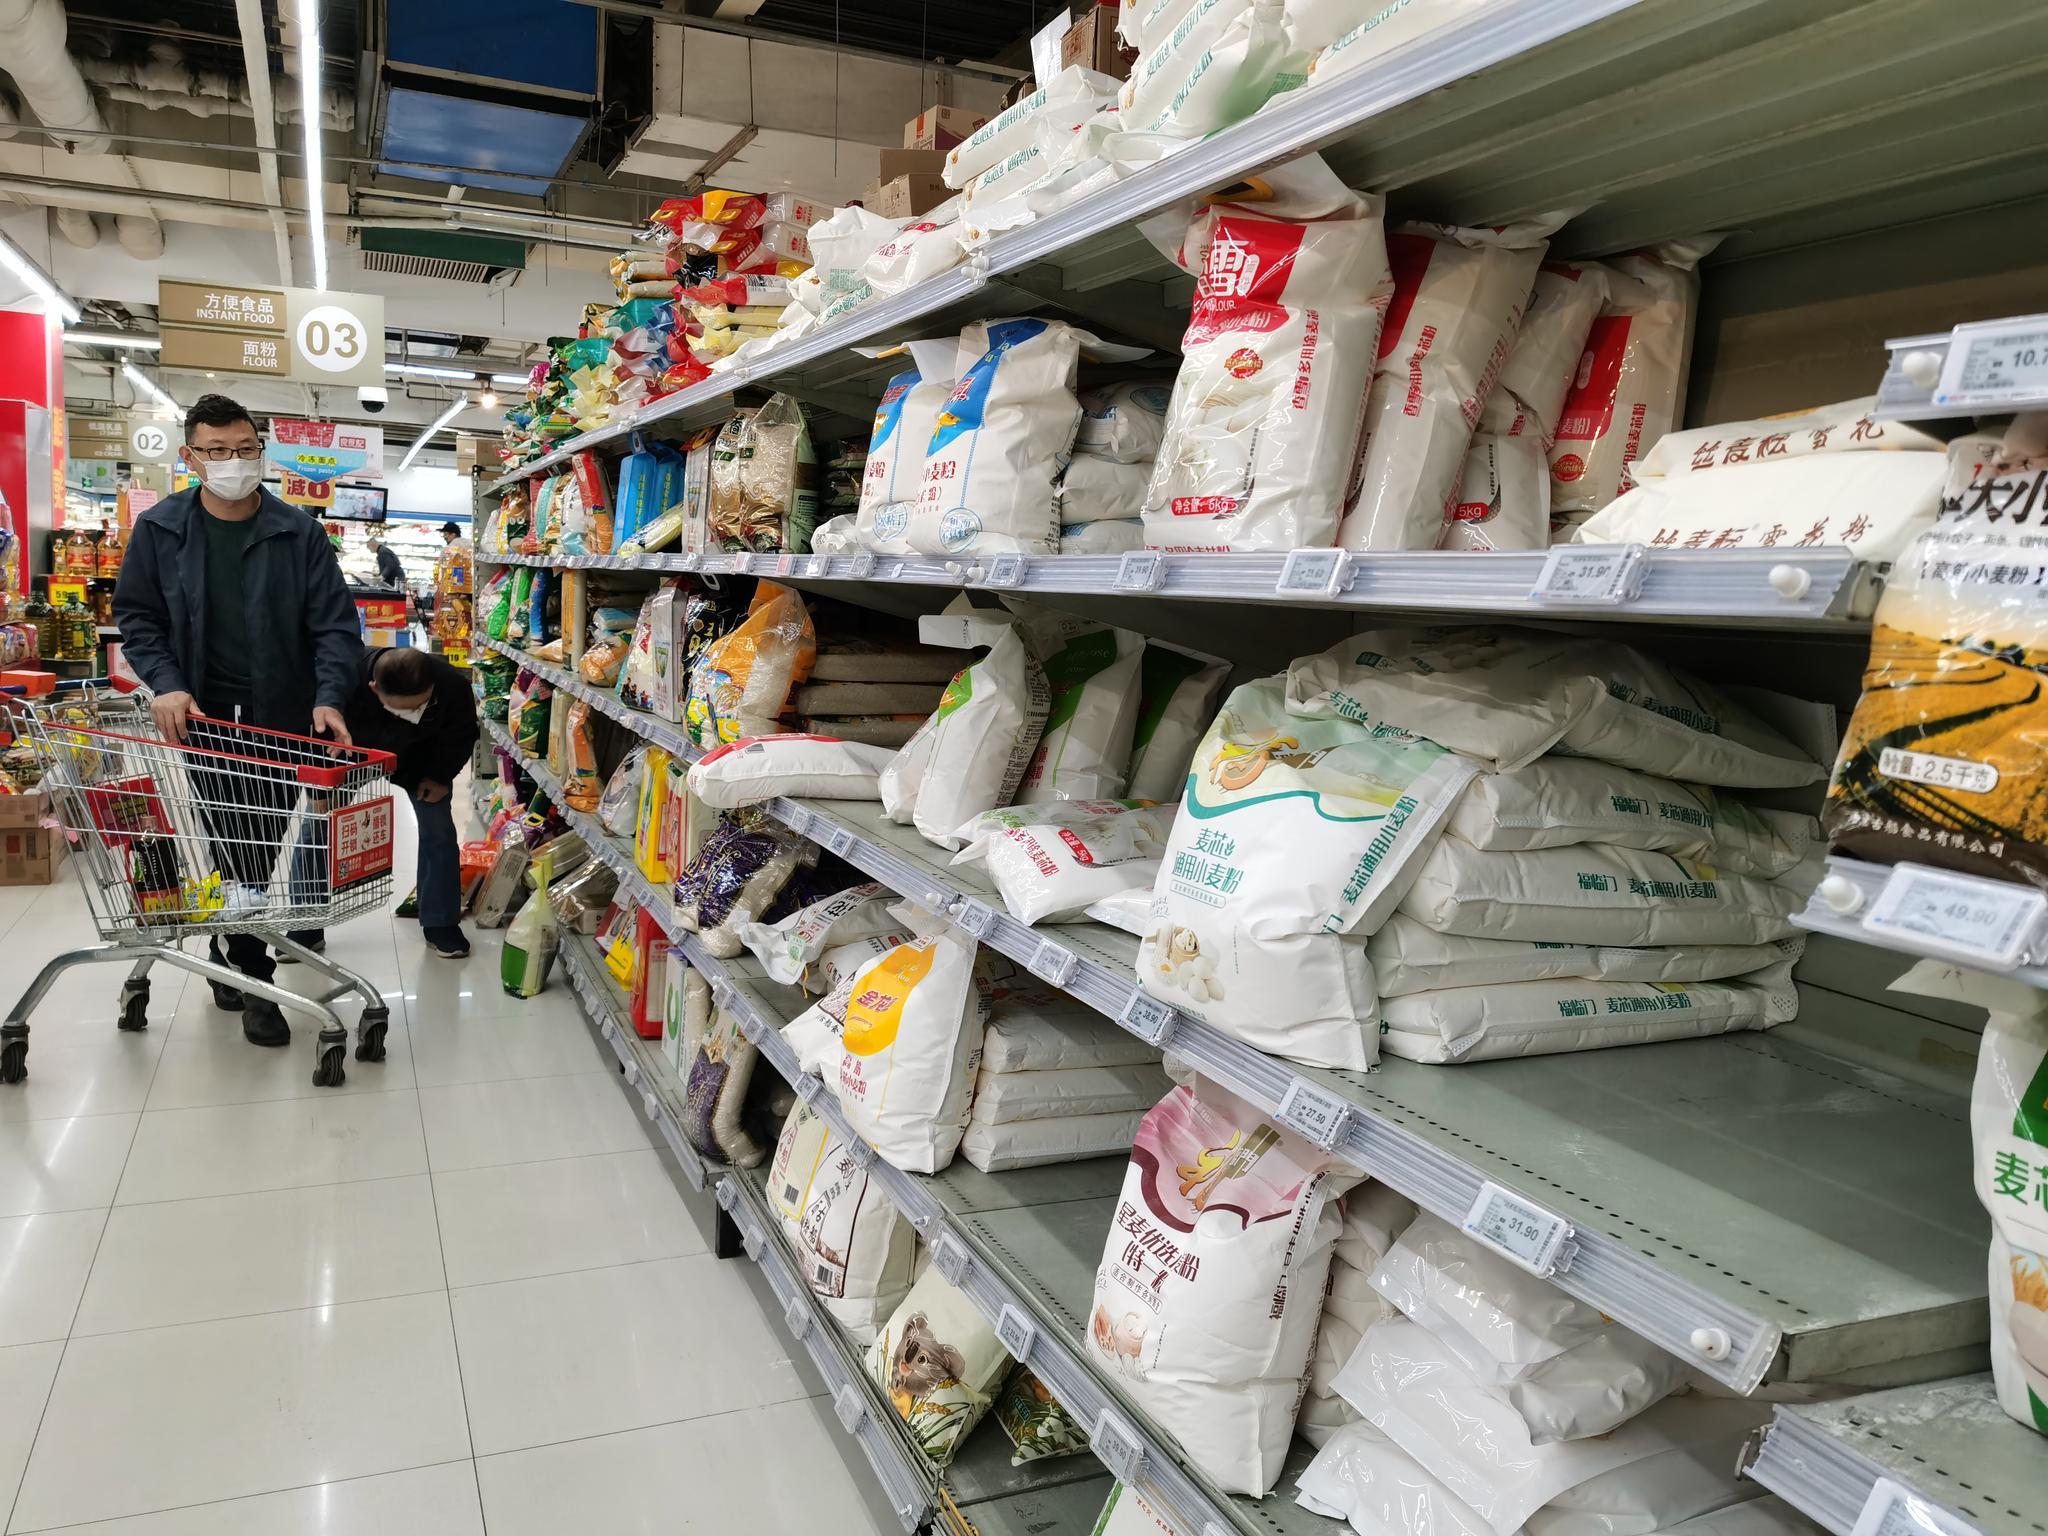 超市粮食销量增长明显,北京粮储局:供应充足,不必囤粮图片